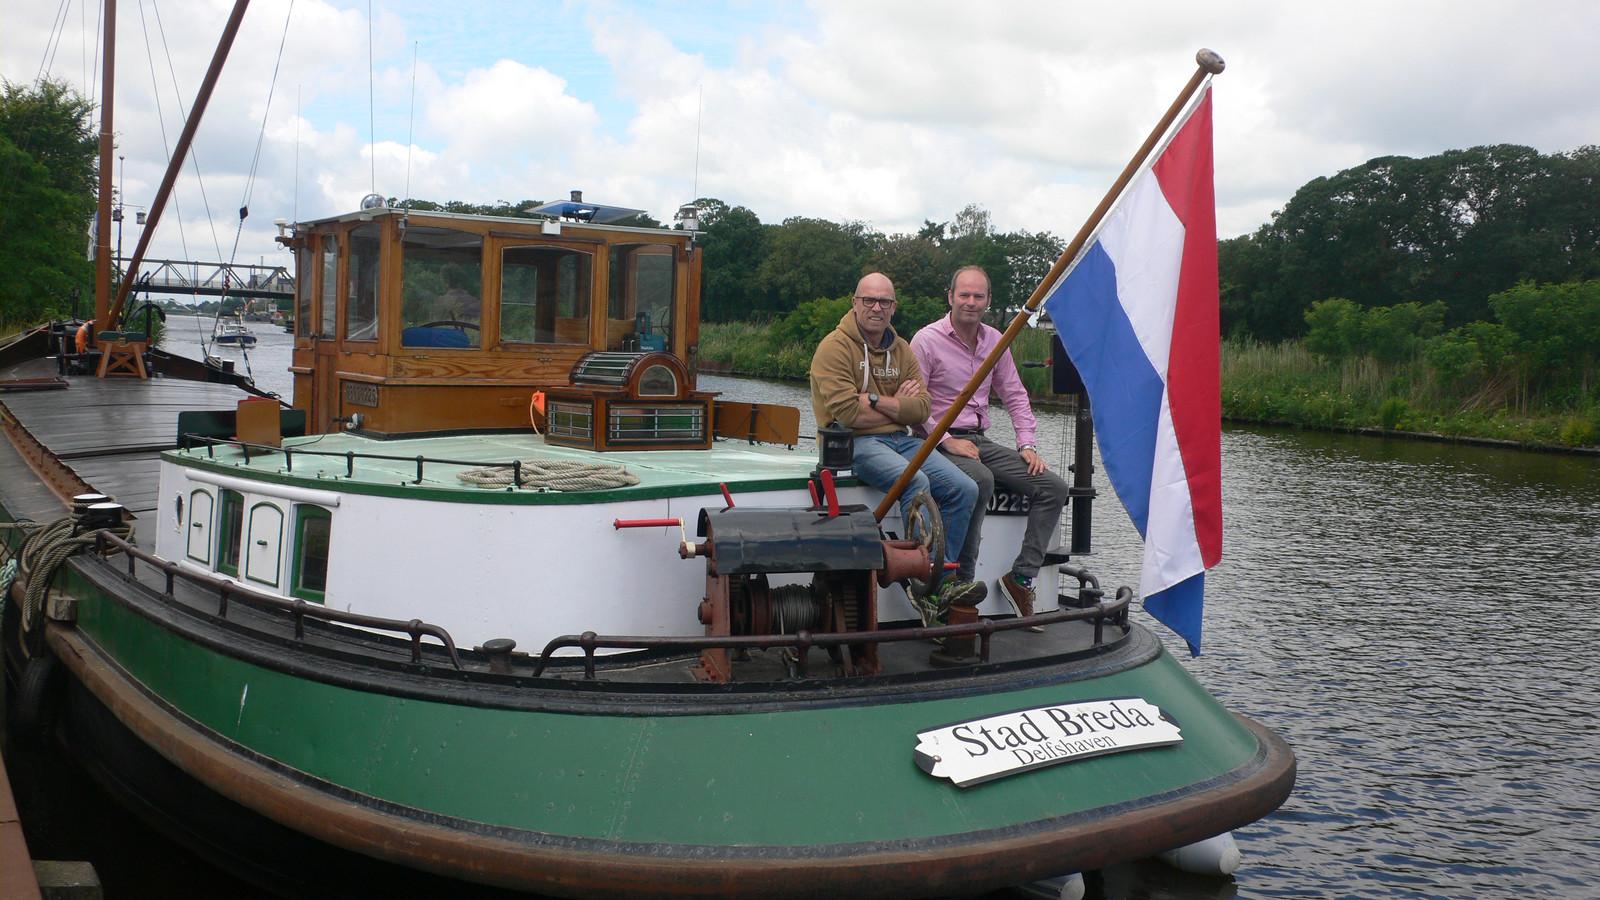 Eigenaar Hamp Harmsen (links) en Marcel Vos, die geregeld heeft dat het schip Stad Breda tijdens de Monumentendagen in september in Breda komt te liggen.